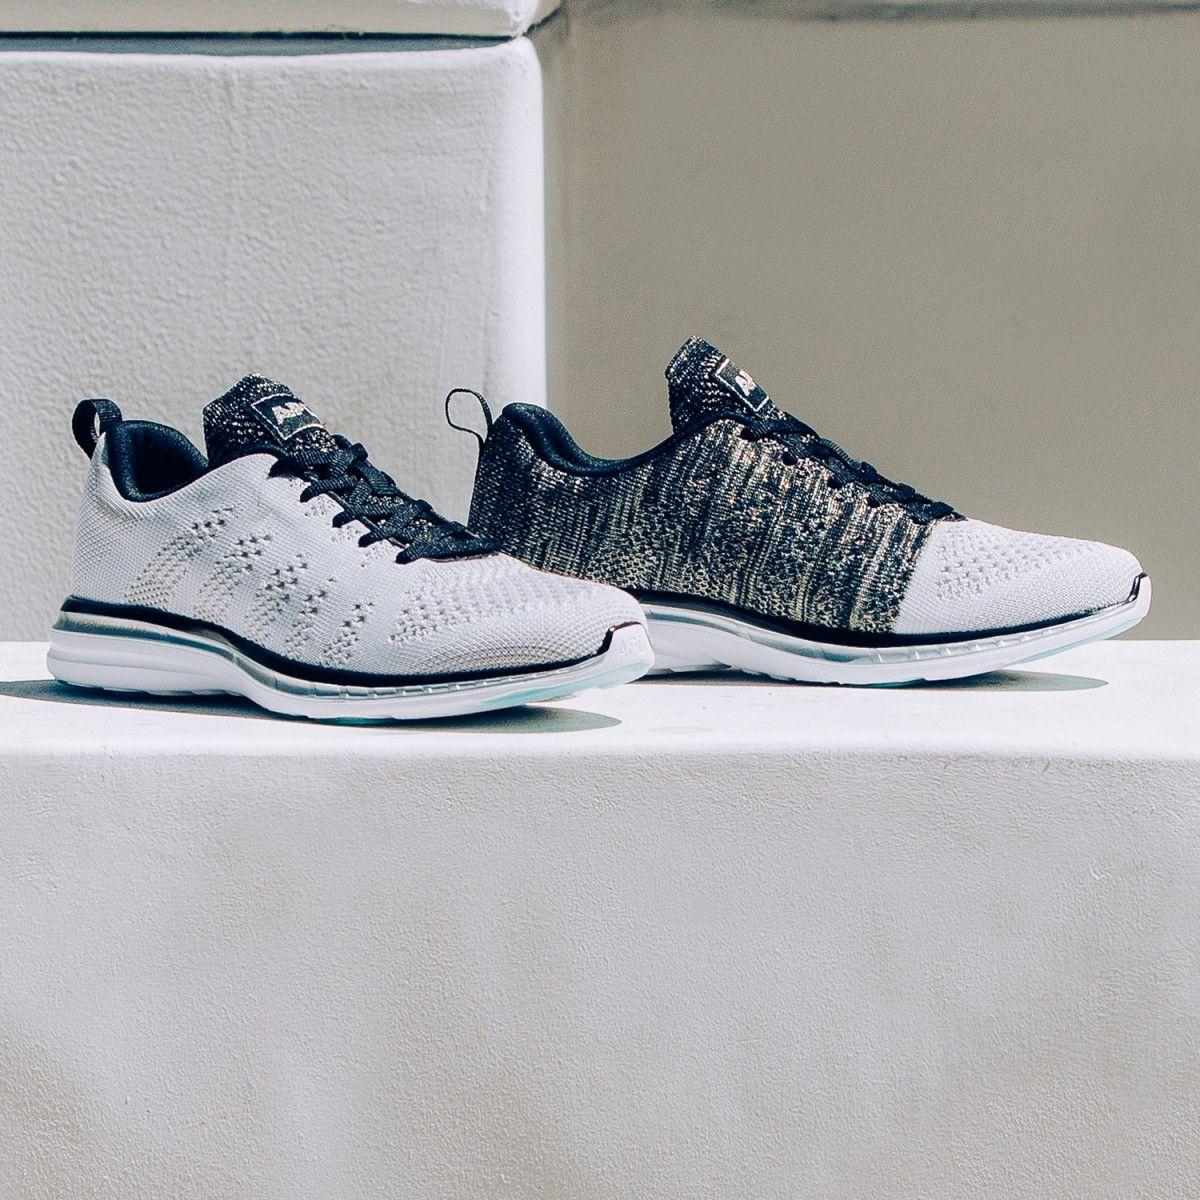 d090e43add2e APL Women s Running Shoe Techloom Pro White Black Silver Gold ...